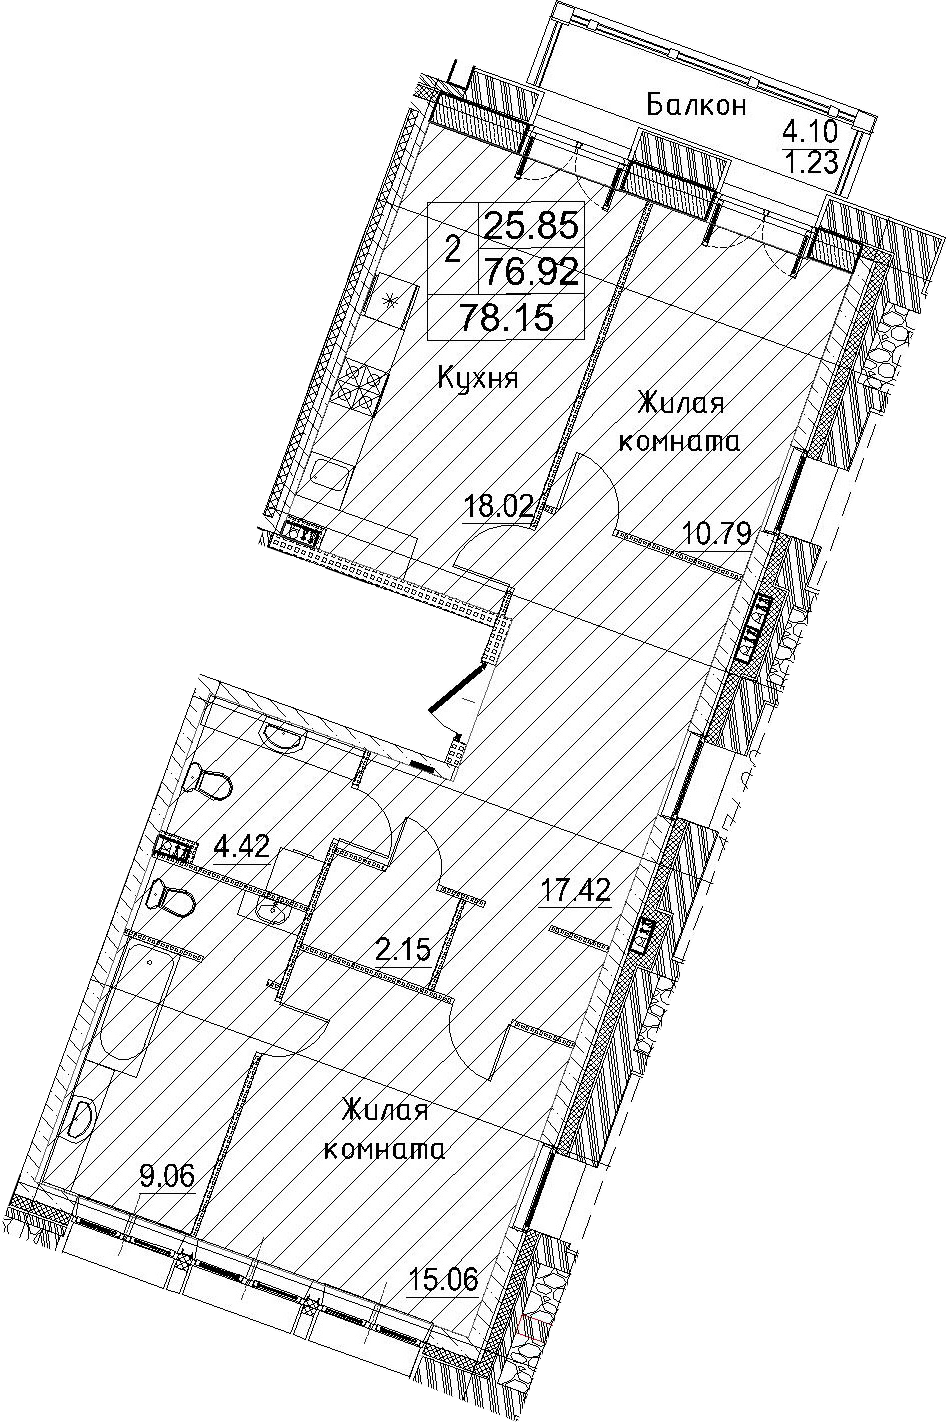 2-к.кв, 78.15 м²